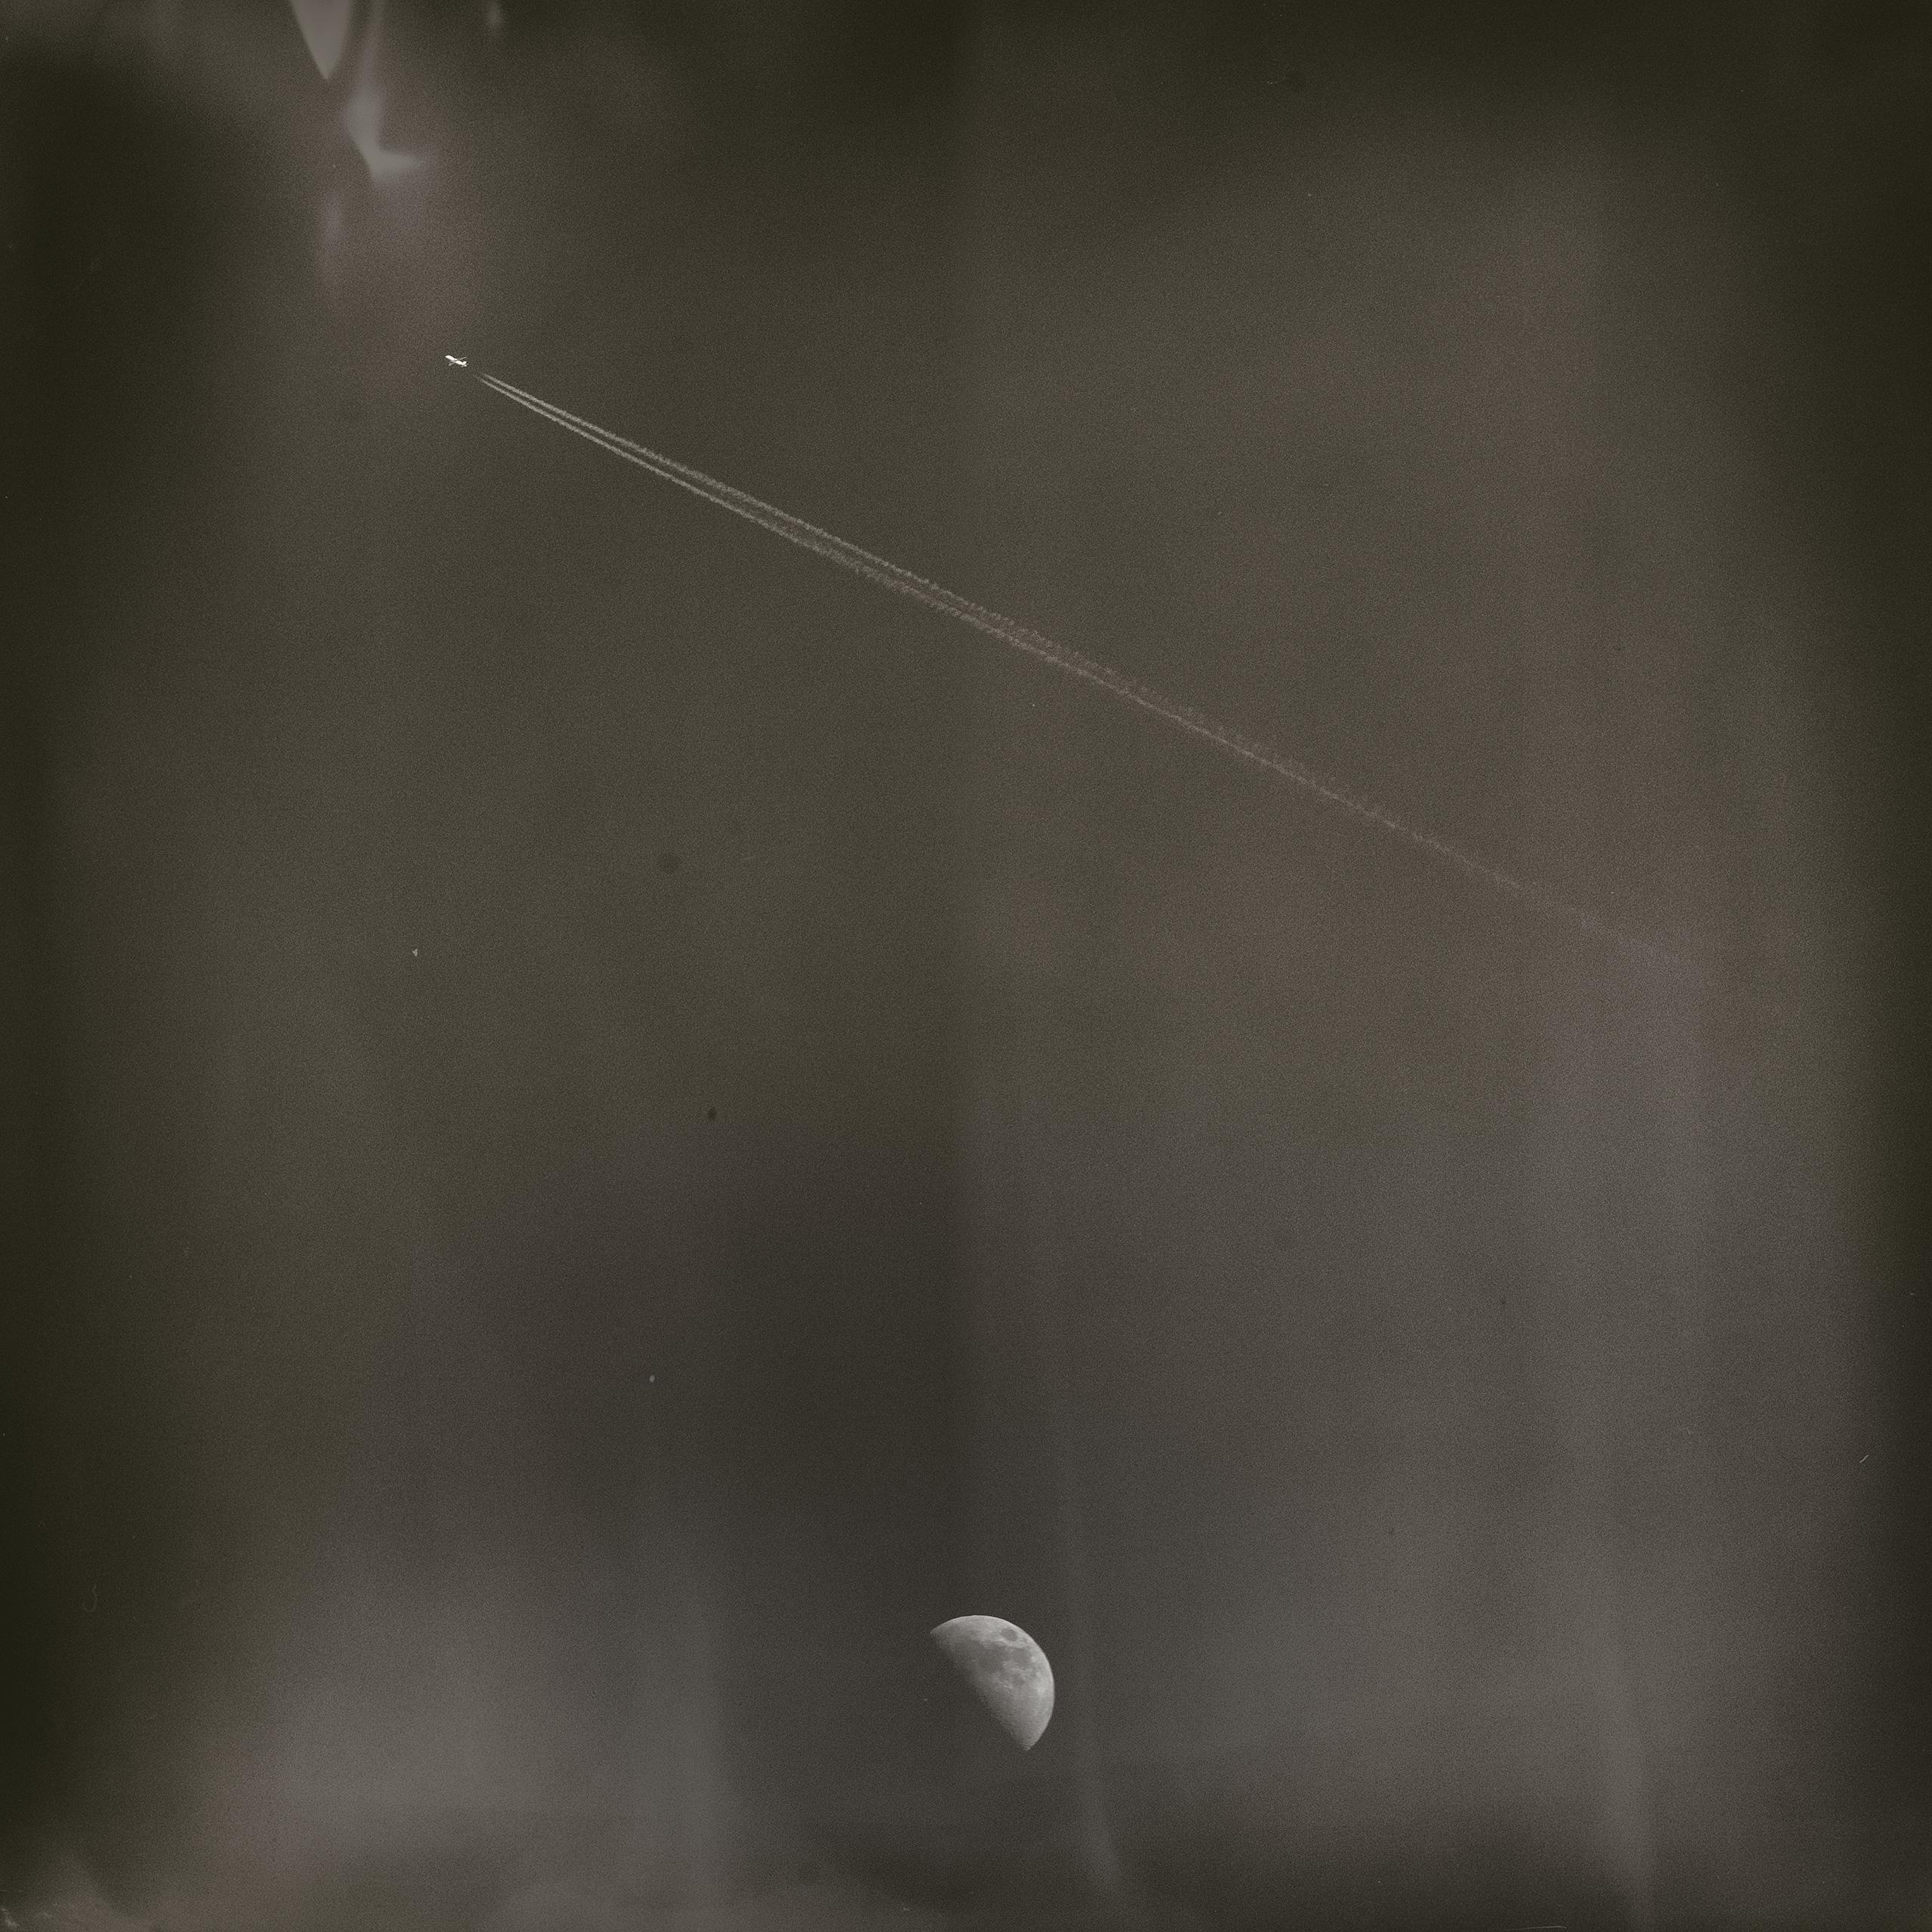 missing moon - 07-27-2020, Munich - christofkessemeier | ello